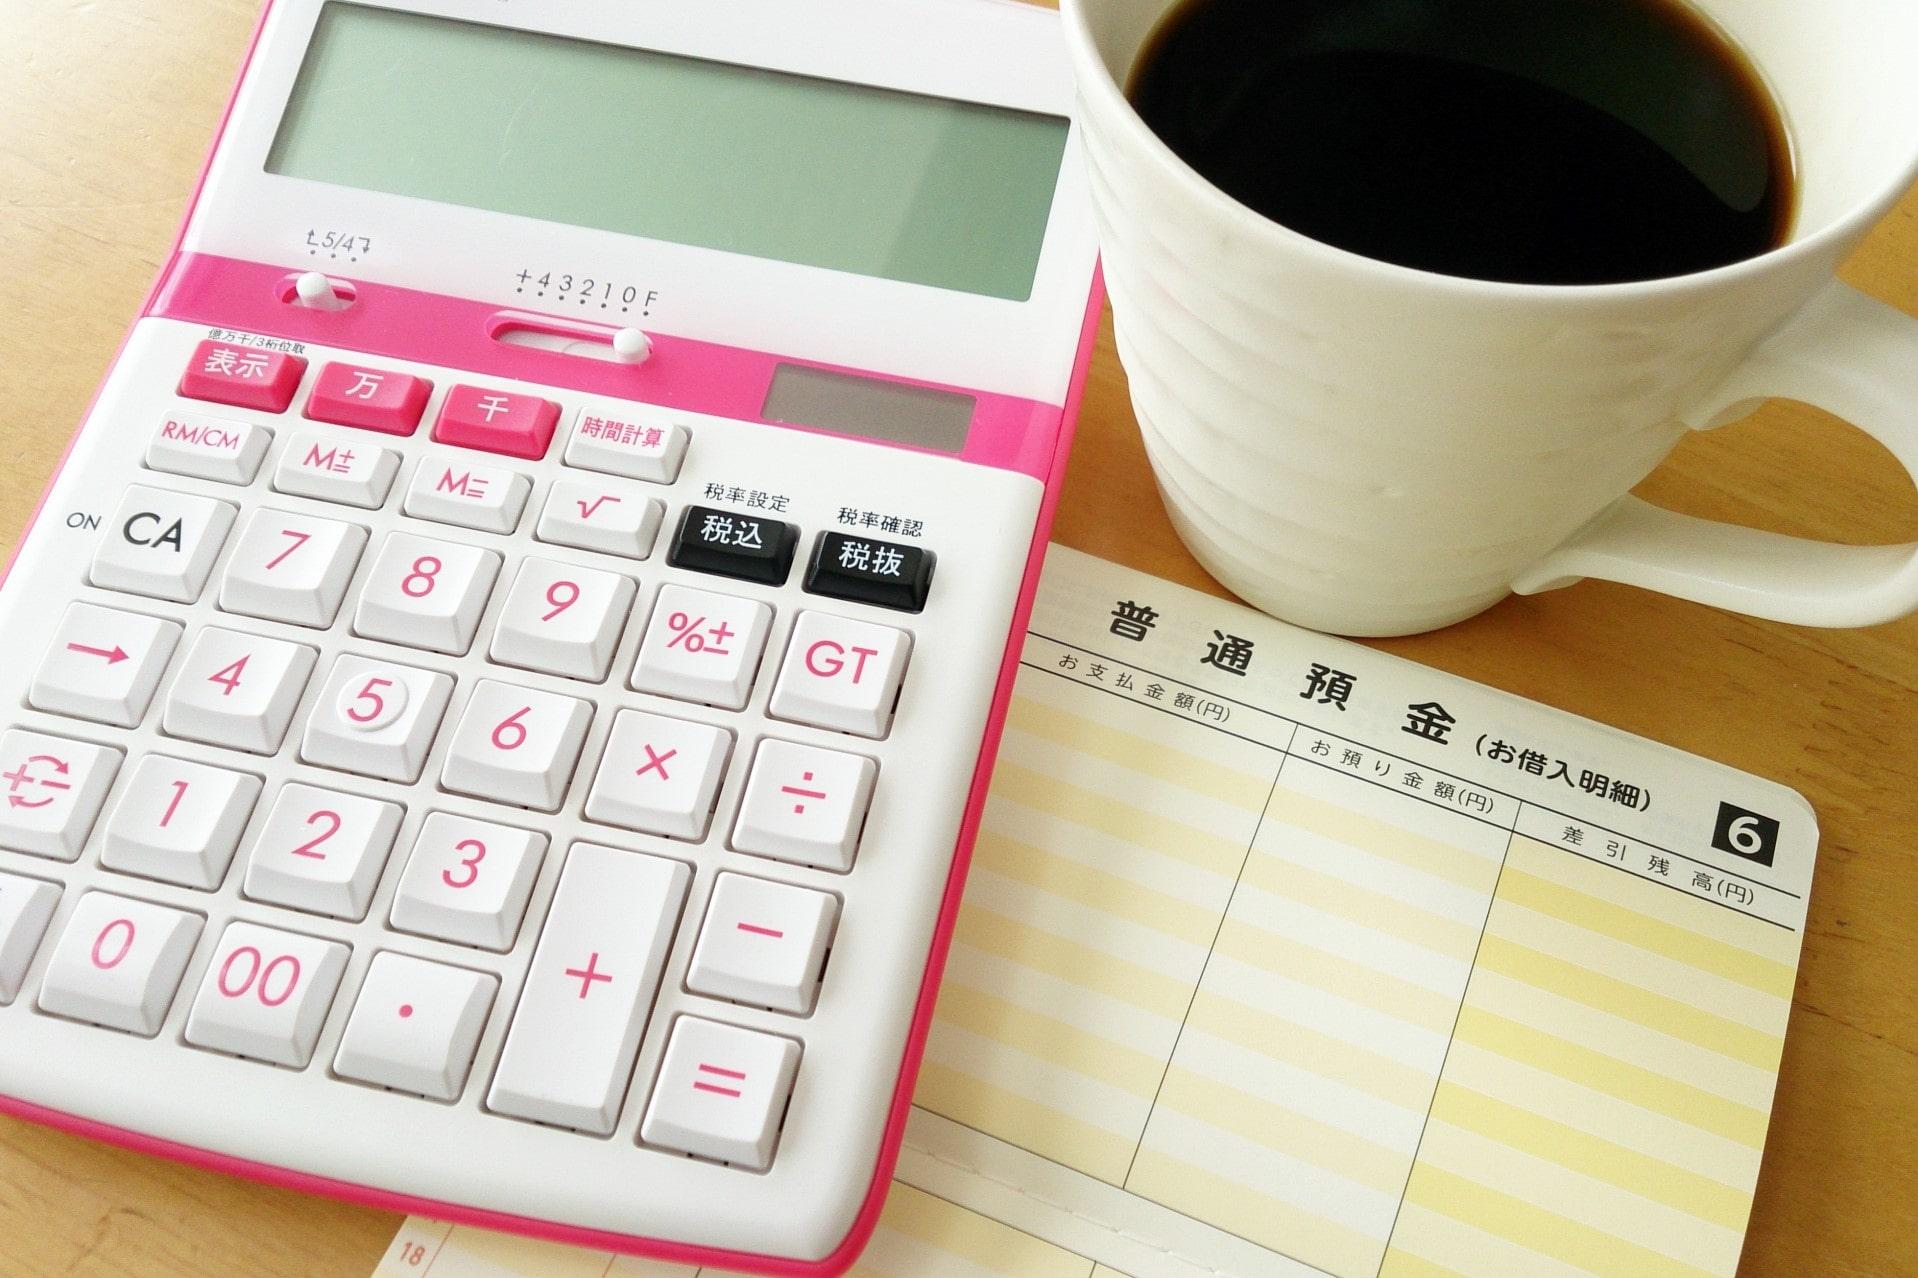 オンラインレッスンの集金・決済方法とシステムまとめ【2020版】